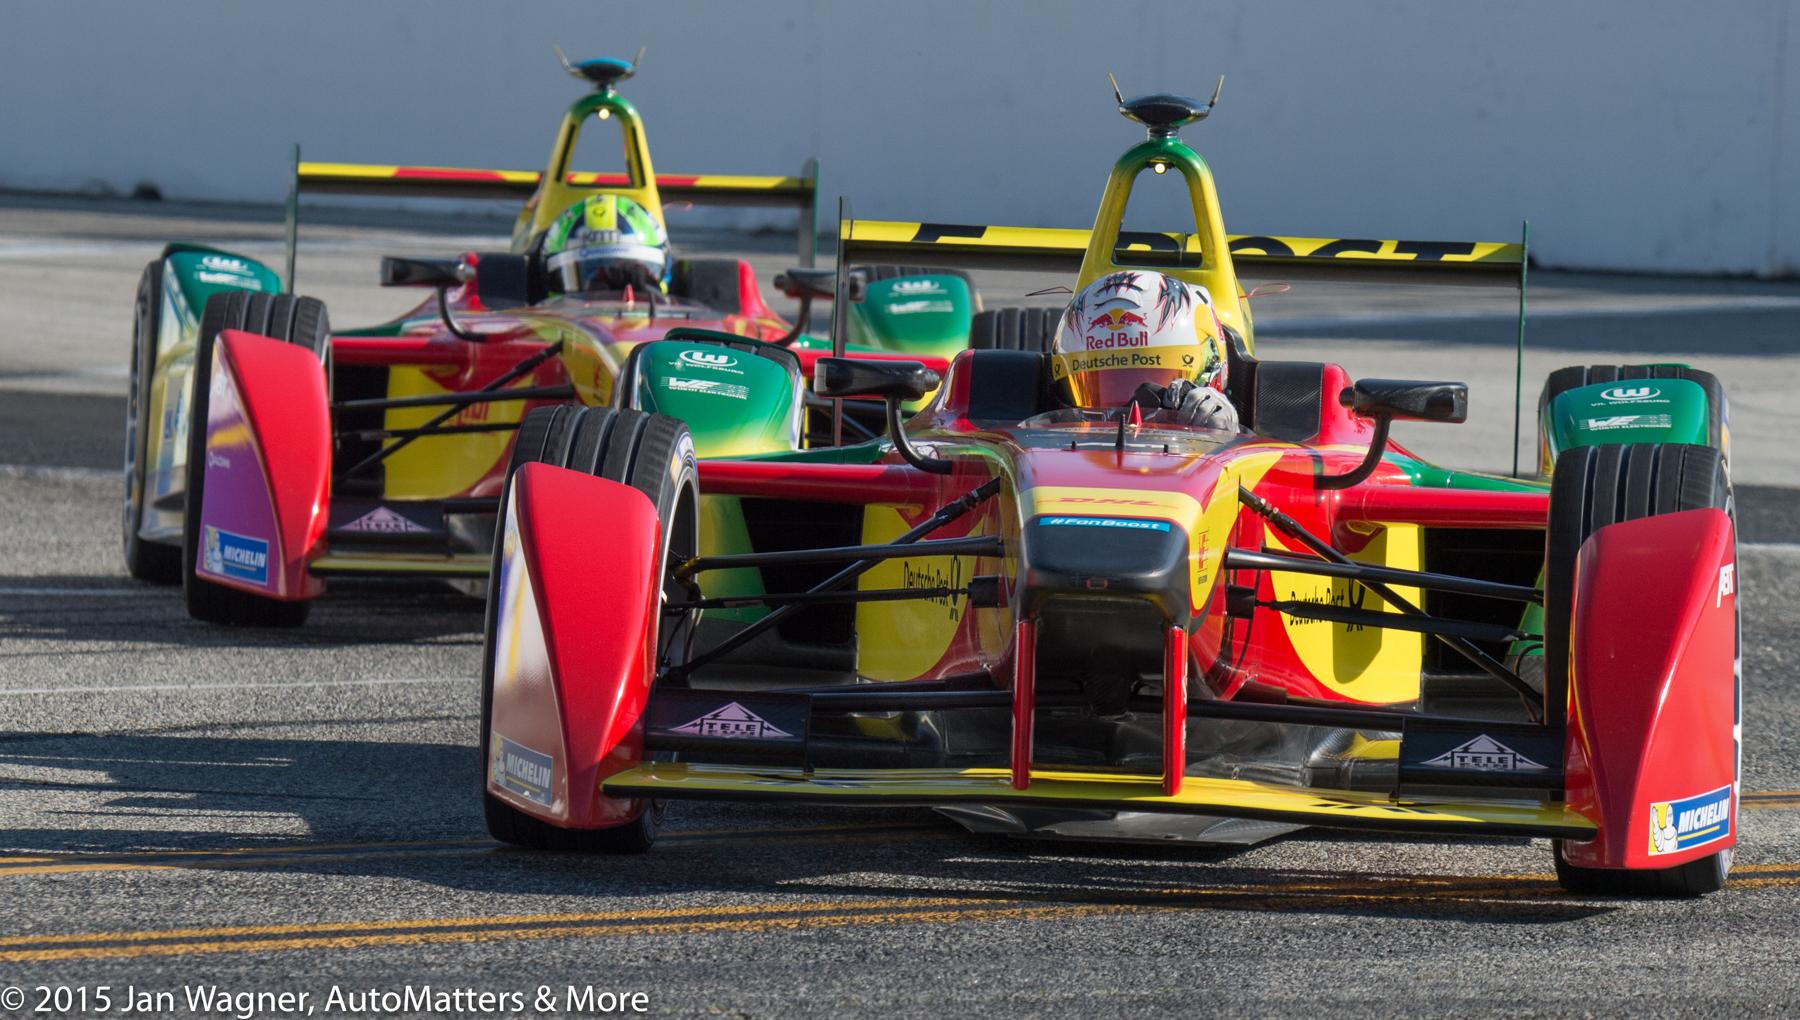 01190-20150404 FiA Formula E-Long Beach-race day-winner Nelson Piquet Jr-150-600mm shots-D4s-2of2